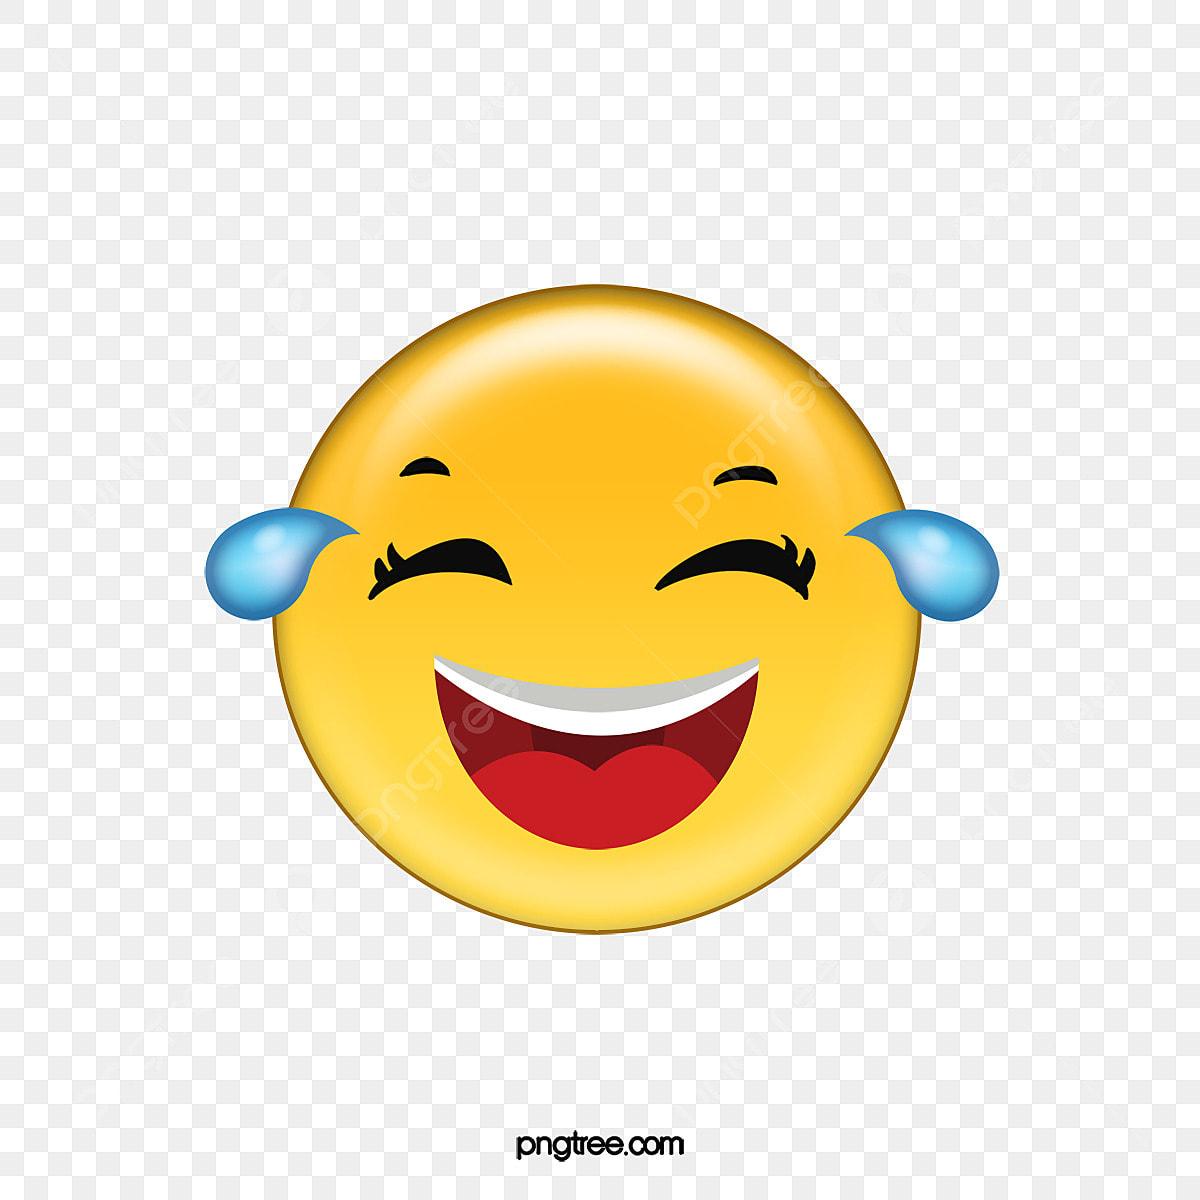 смех и плач, мультфильм, смайликов, Смайлик PNG и PSD-файл пнг для  бесплатной загрузки